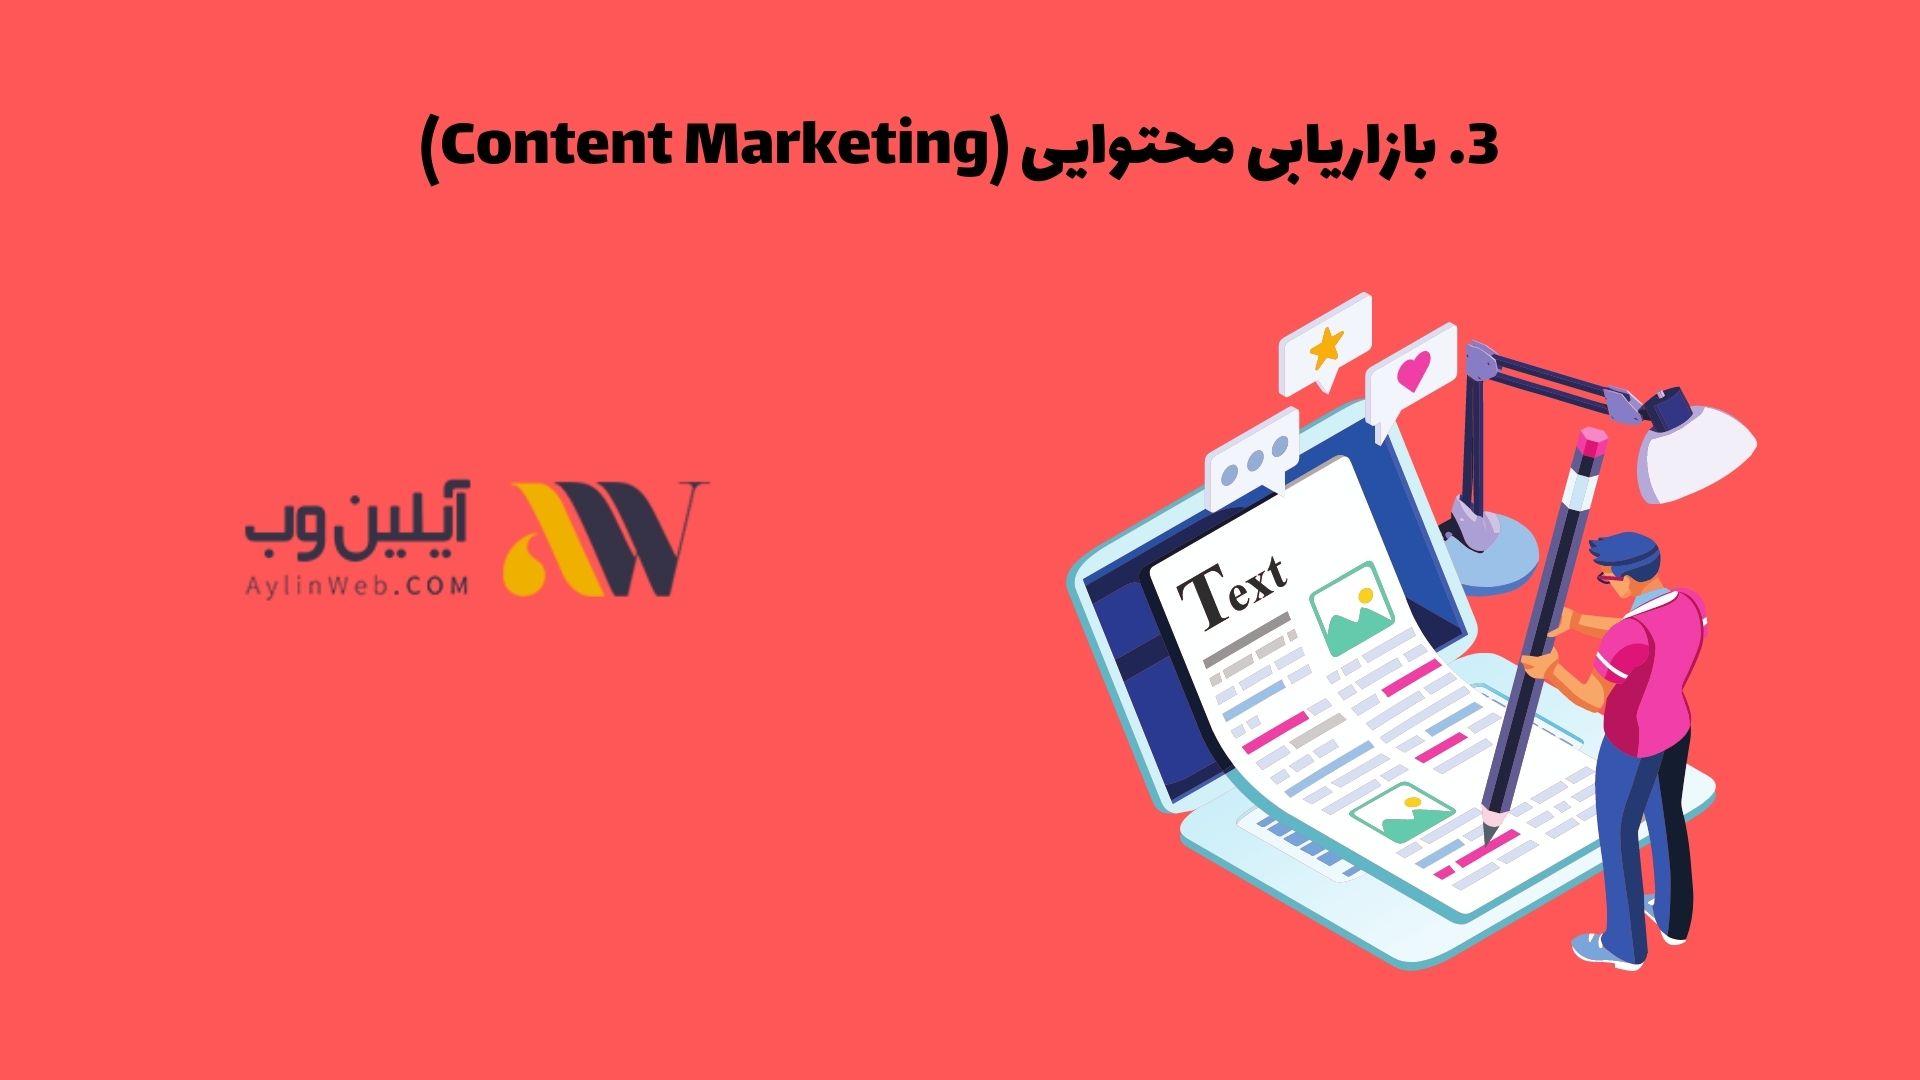 بازاریابی محتوایی (Content Marketing)